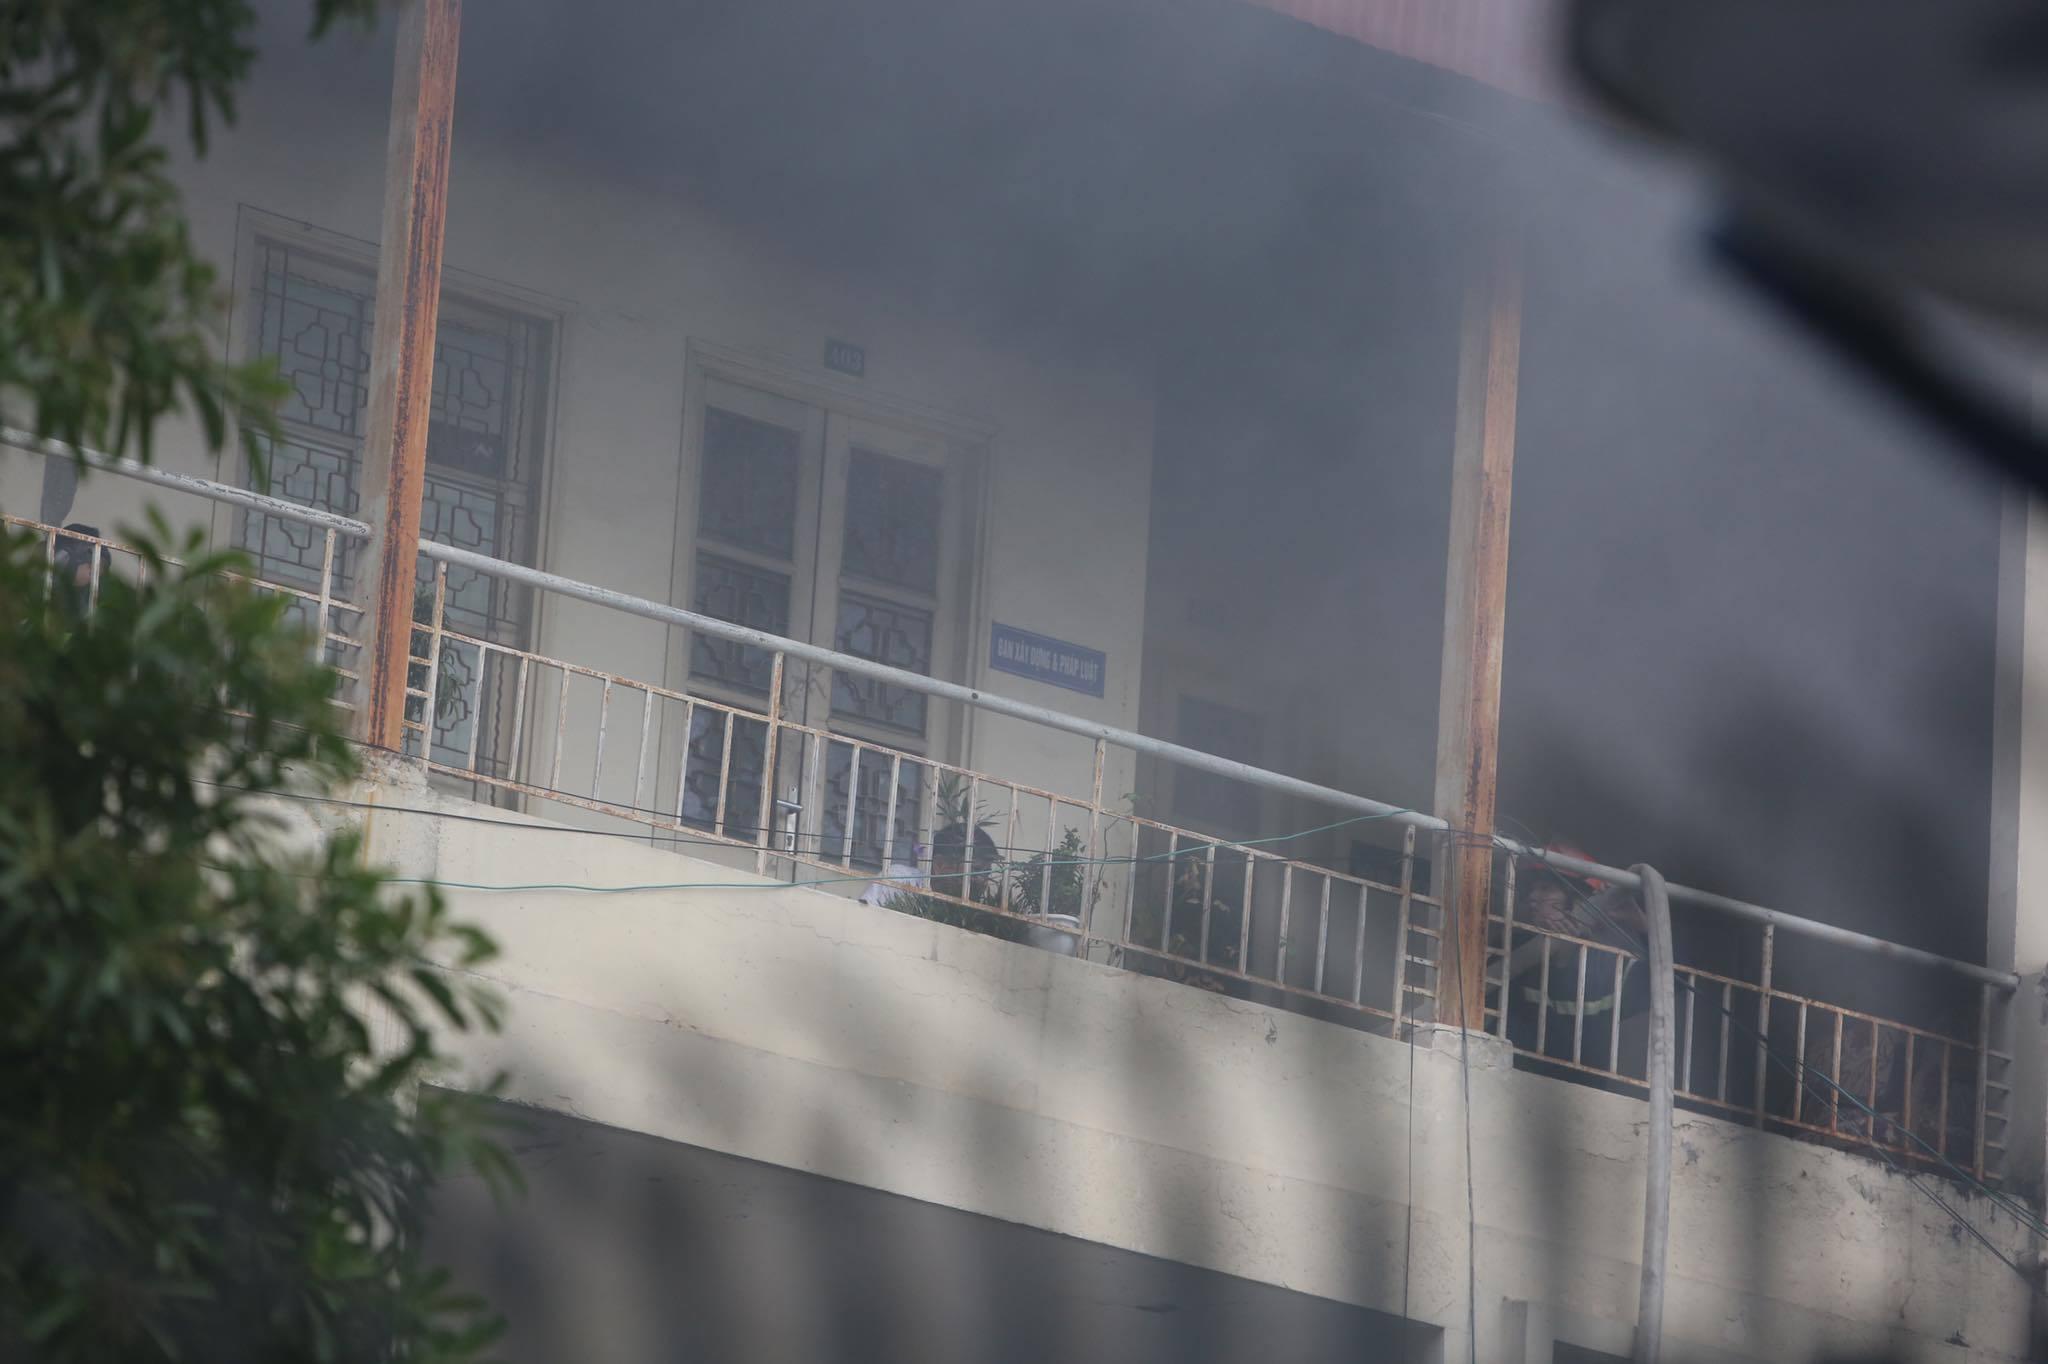 Sau tiếng nổ lớn, tòa nhà trong trụ sở bộ Xây dựng bốc cháy - Ảnh 3